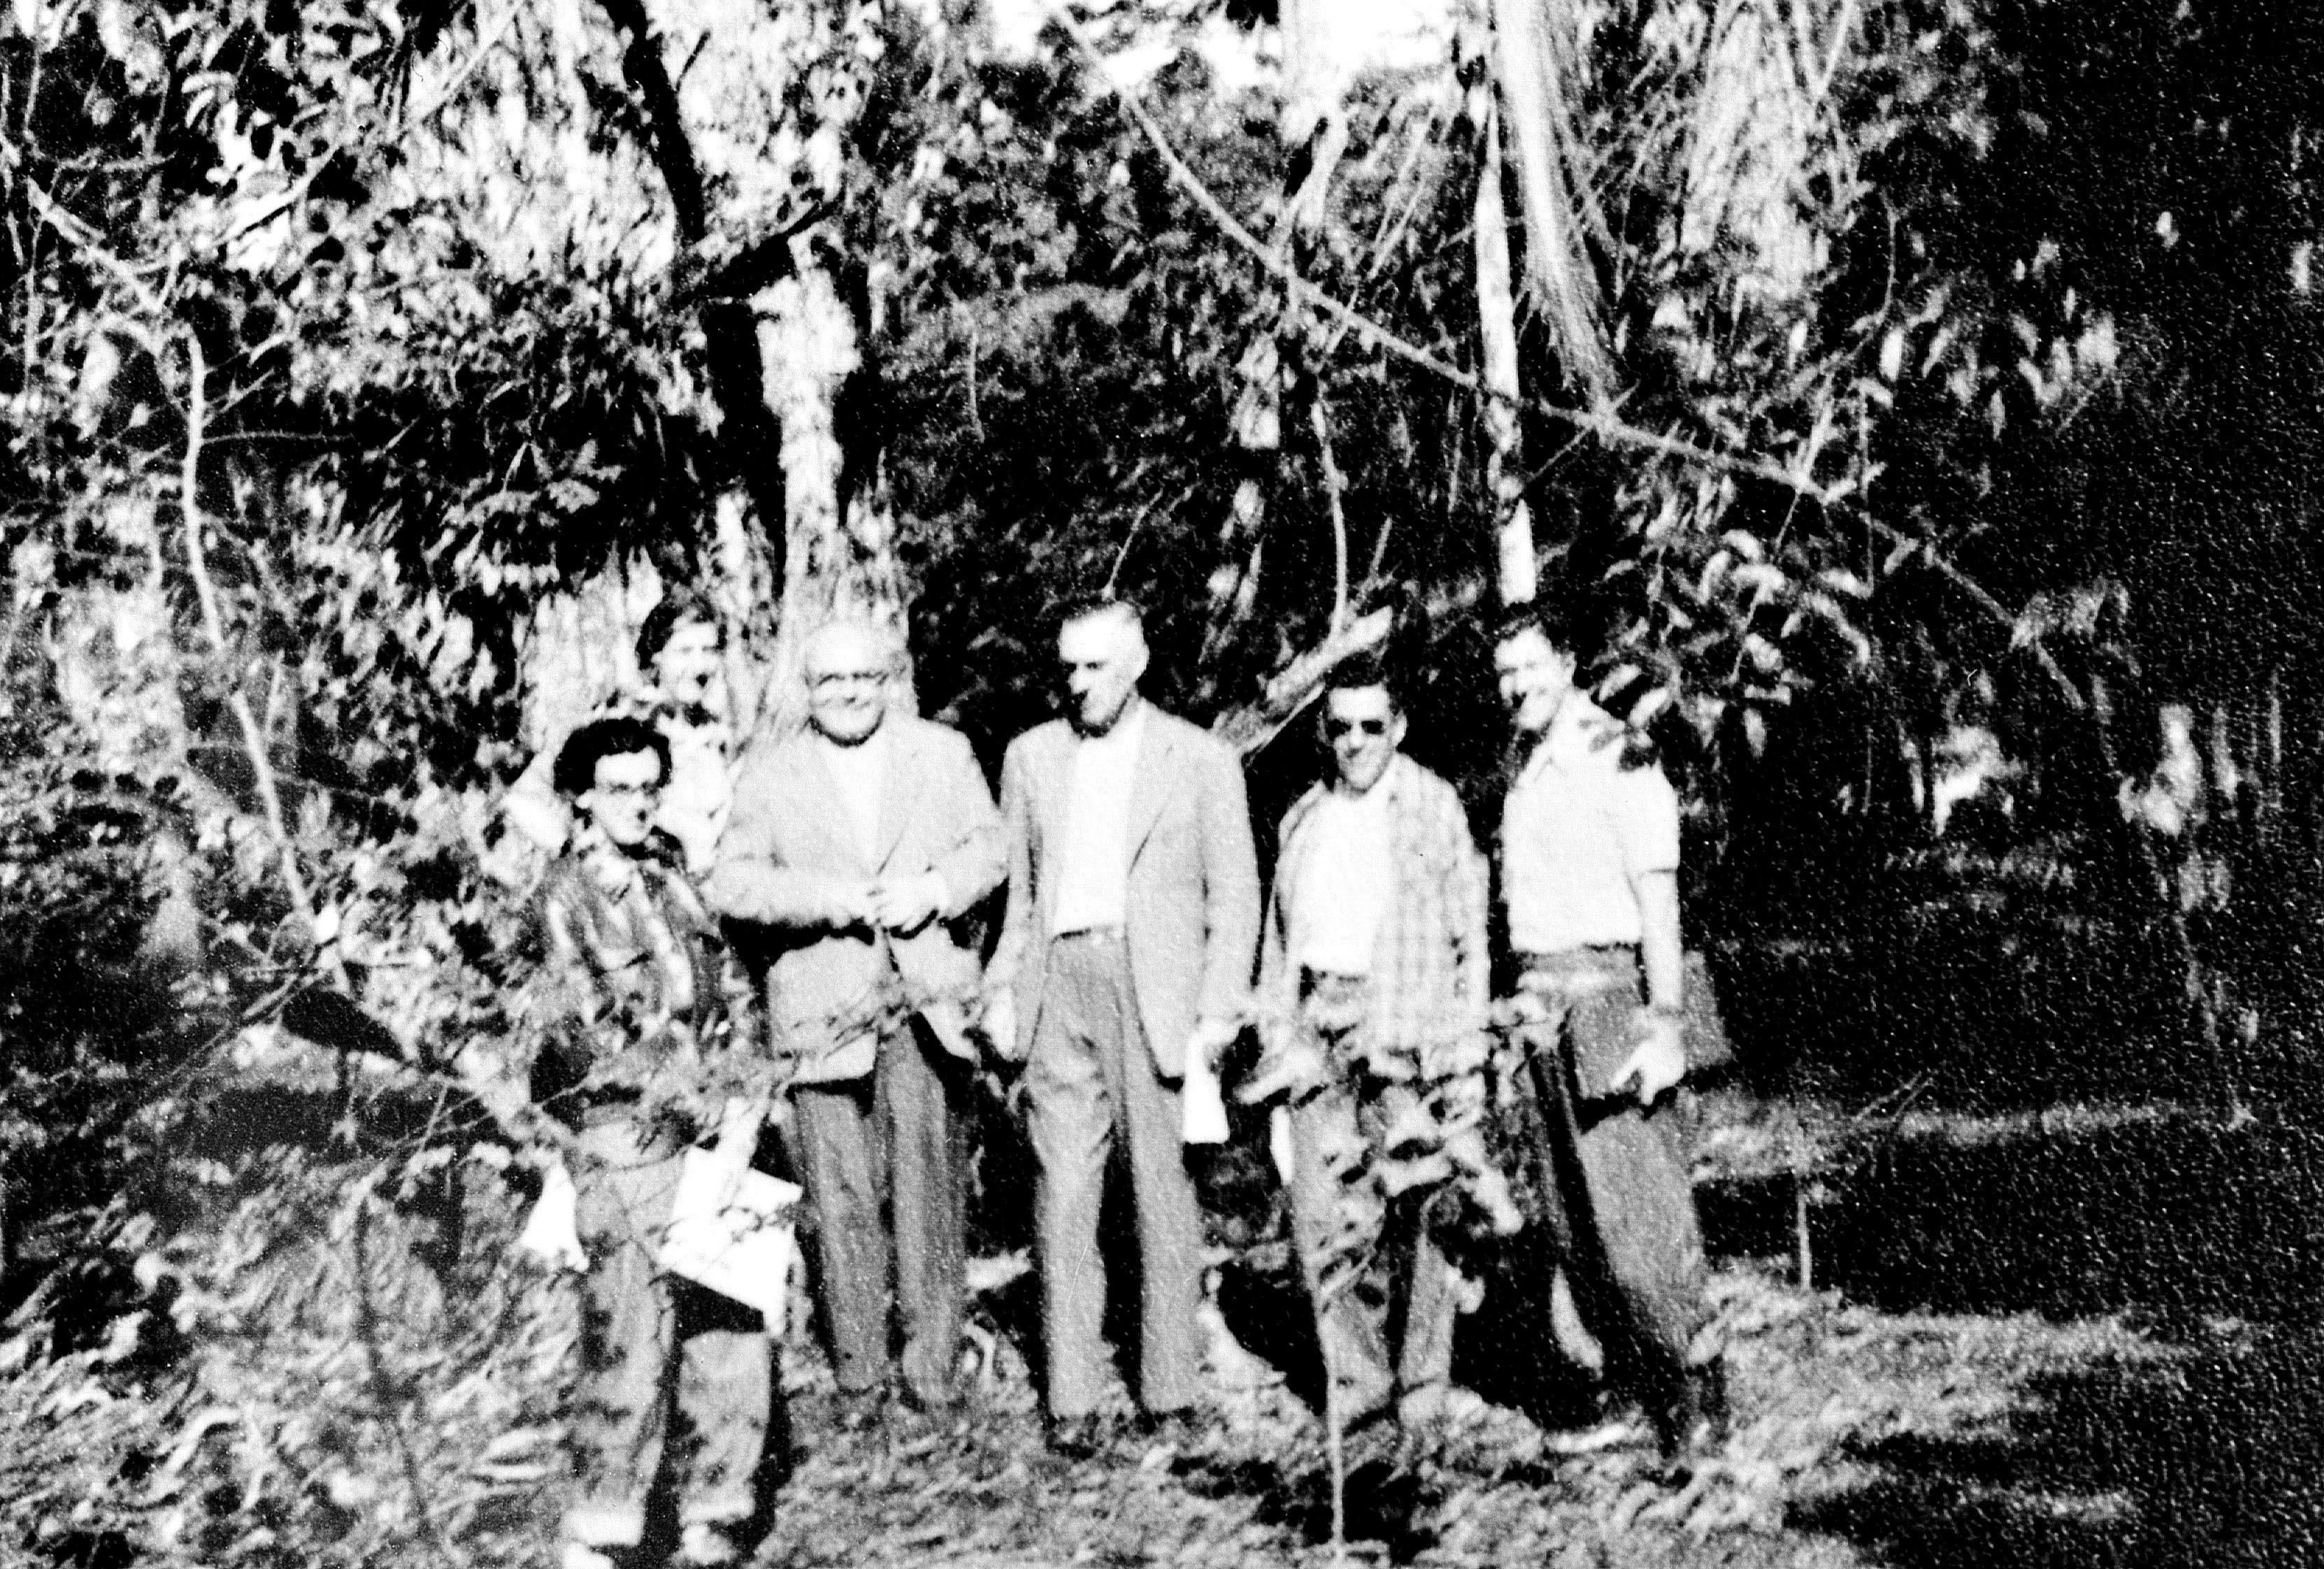 Membros da Companhia no Horto Florestal - Anos 1950